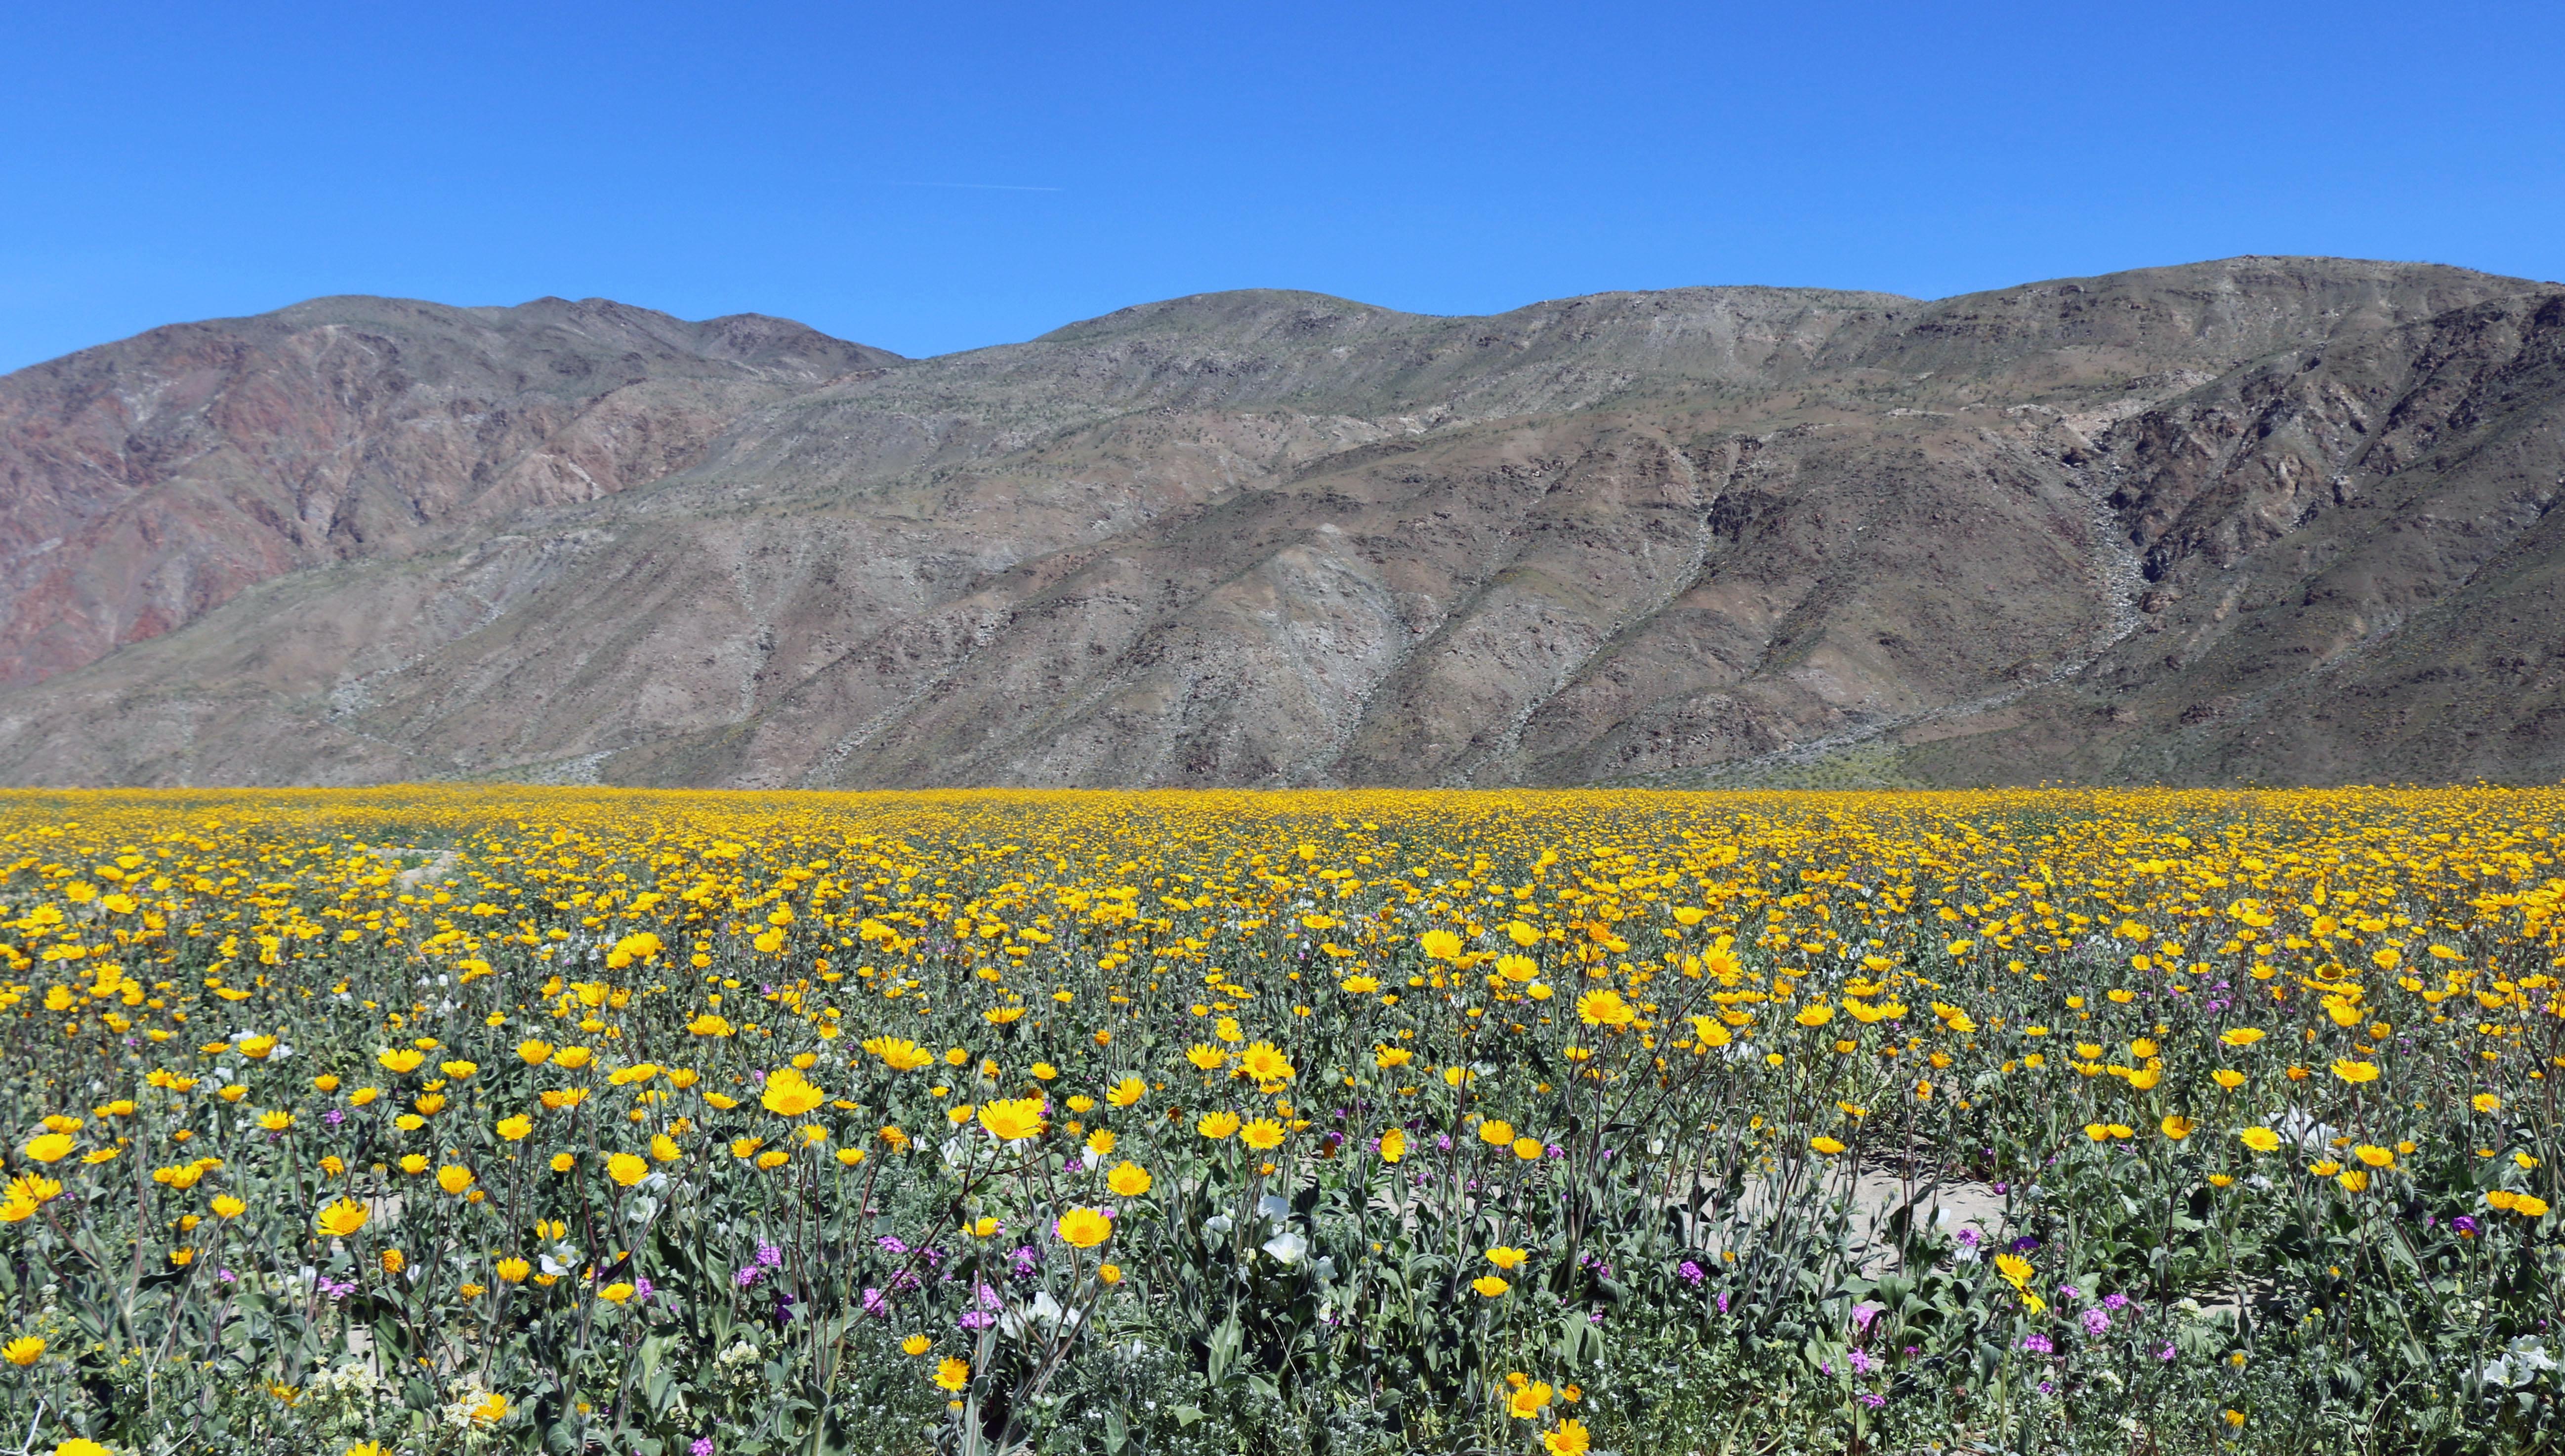 卡里佐平原 (Photo by Joanna Gilkeson/USFWS, Pacific Southwest Region USFWS from Sacramento, US, Wikimedia Commons提供, 圖片來源www.flickr.com/photos/usfws_pacificsw/33596889675)